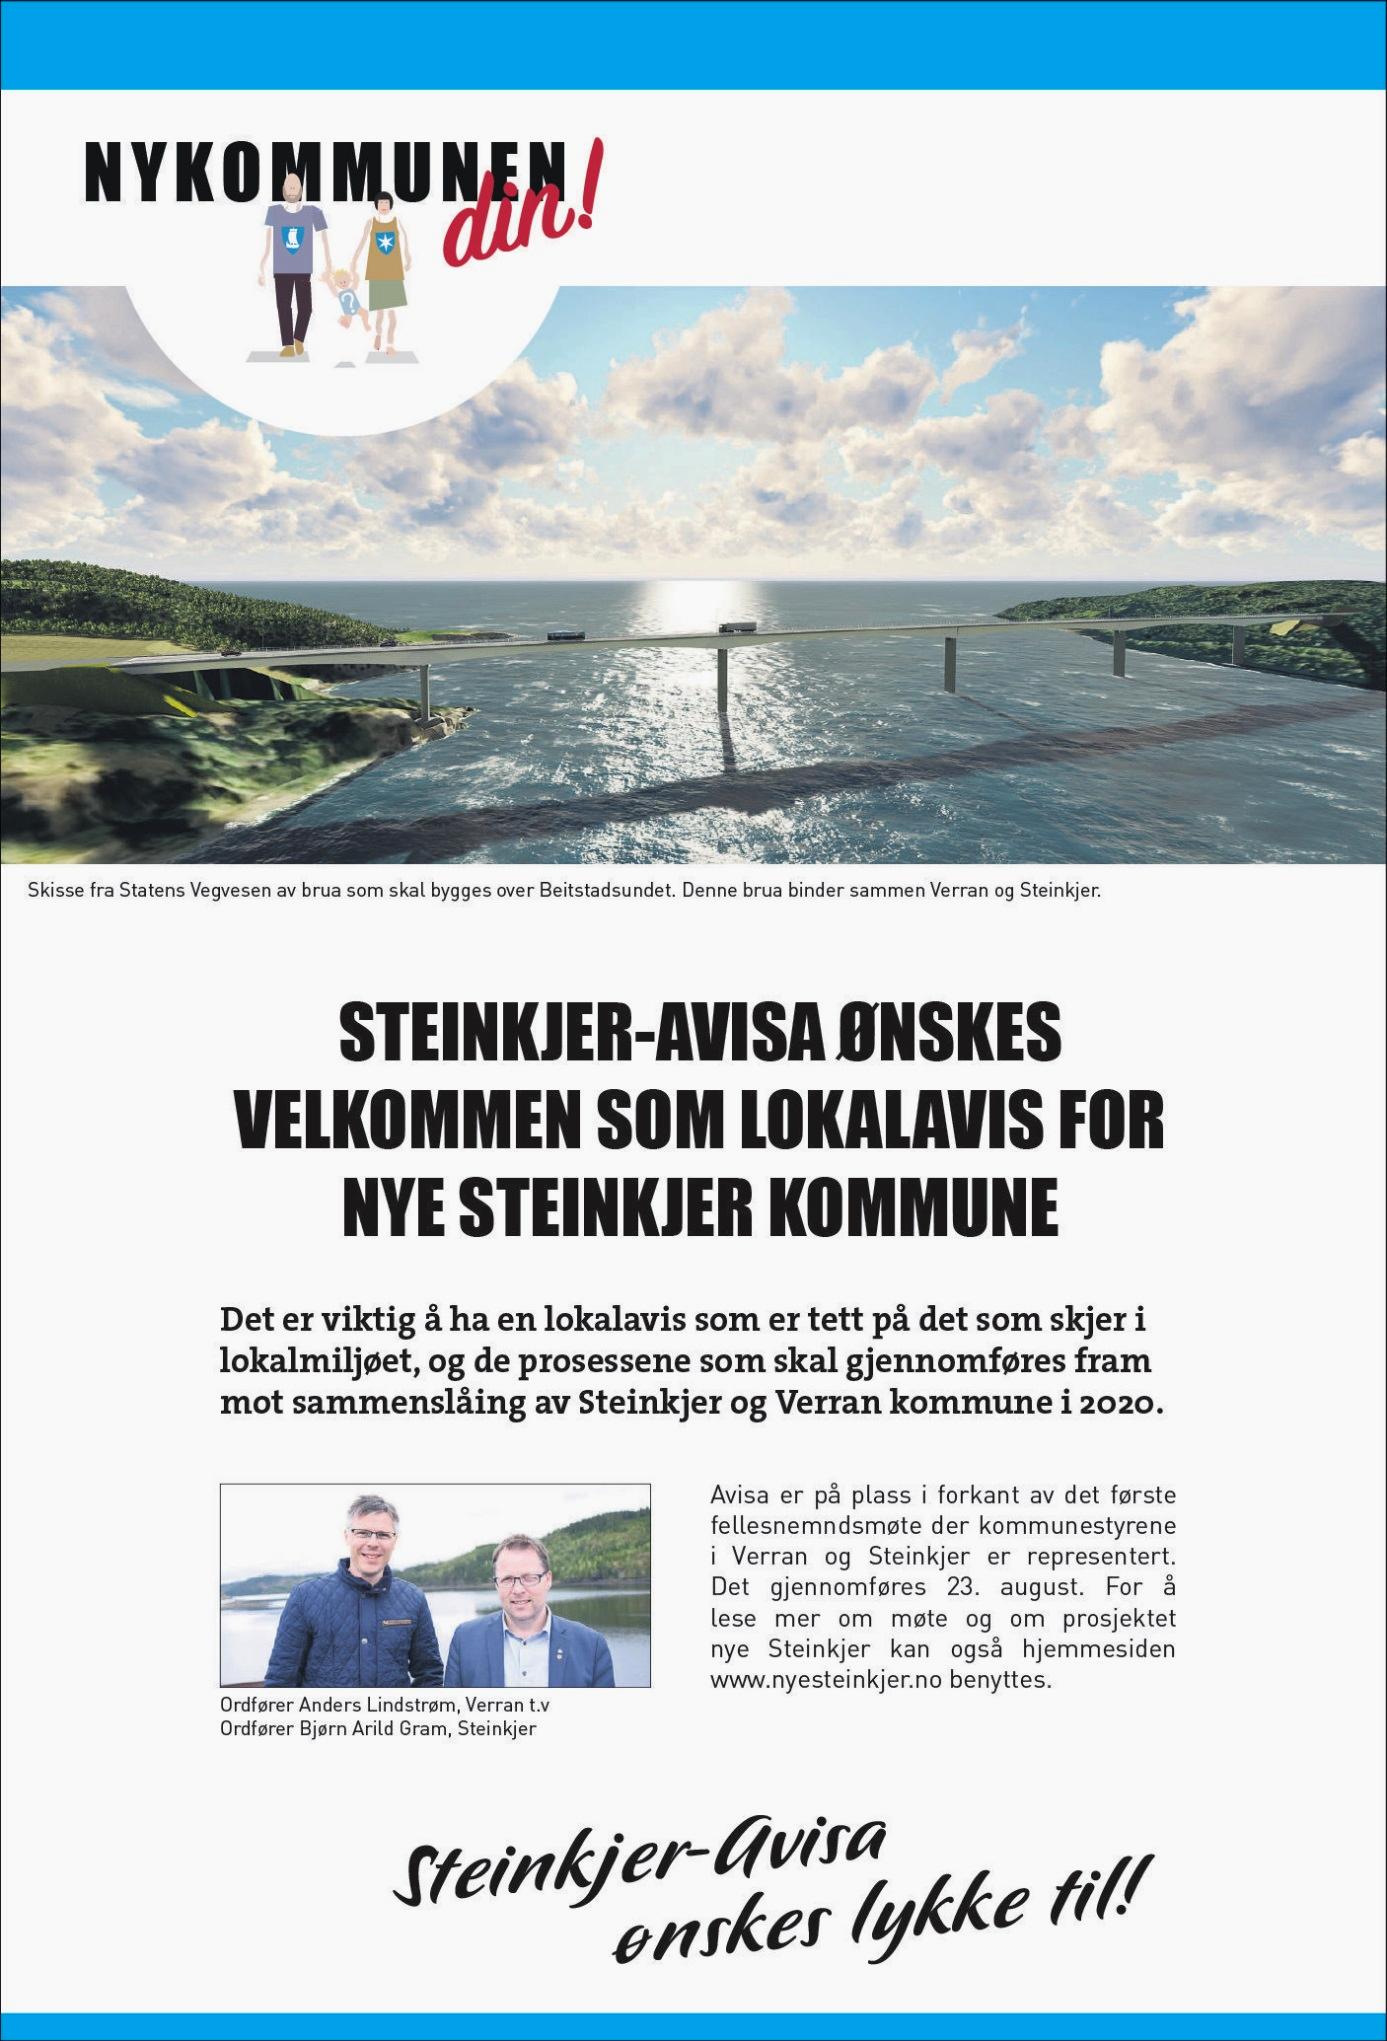 Annonsetekst om ny Steinkjer-Avis